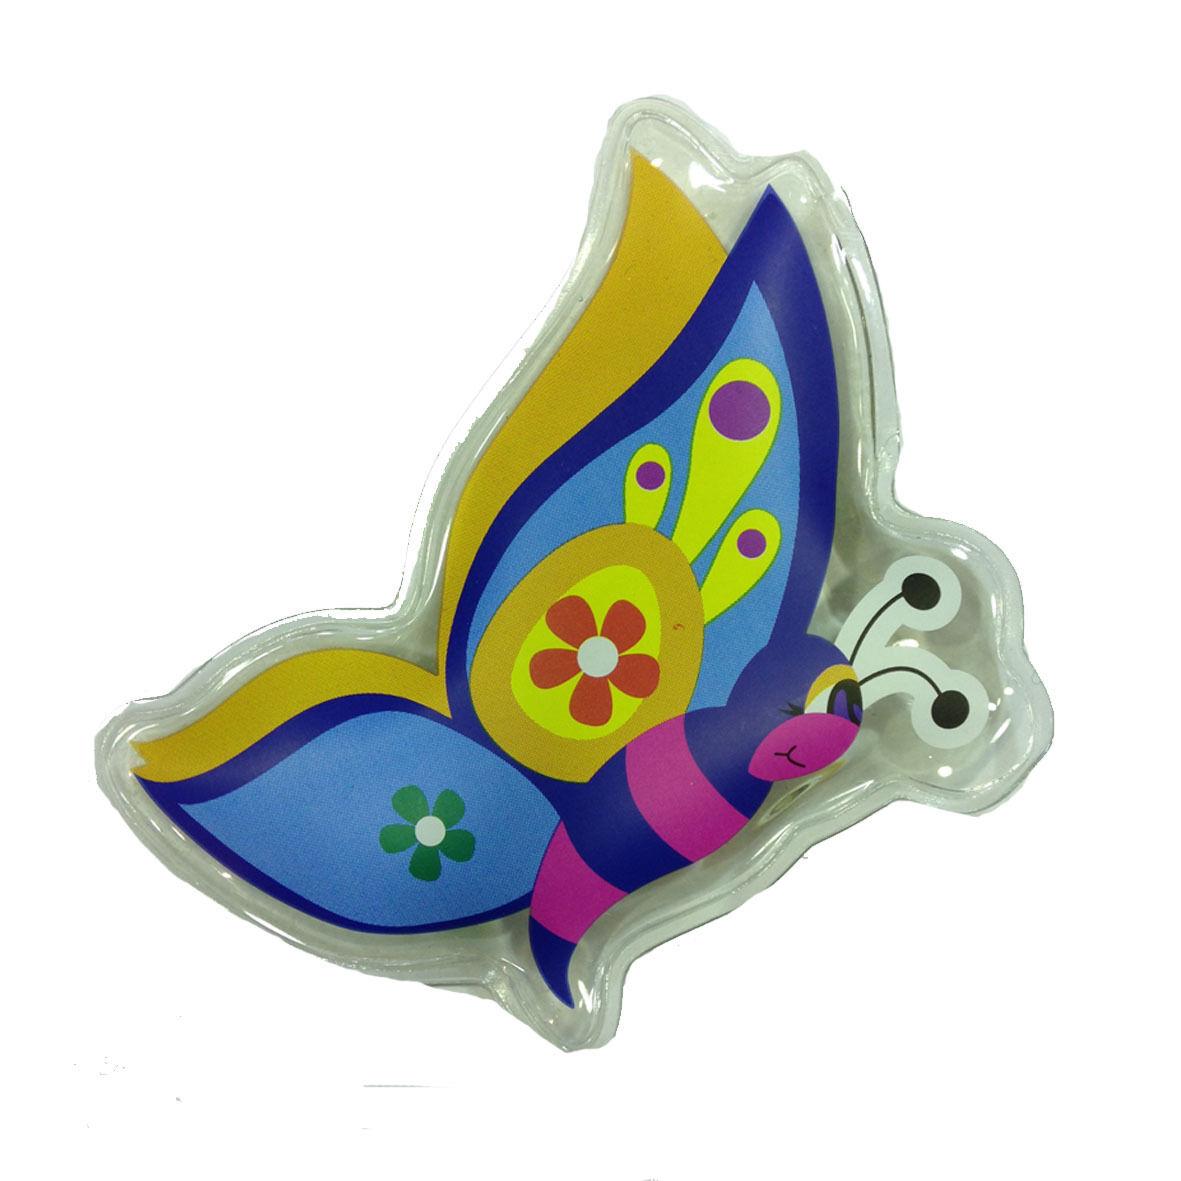 Scaldamani farfalla portatile autoriscaldante e riutilizzabile idea regalo